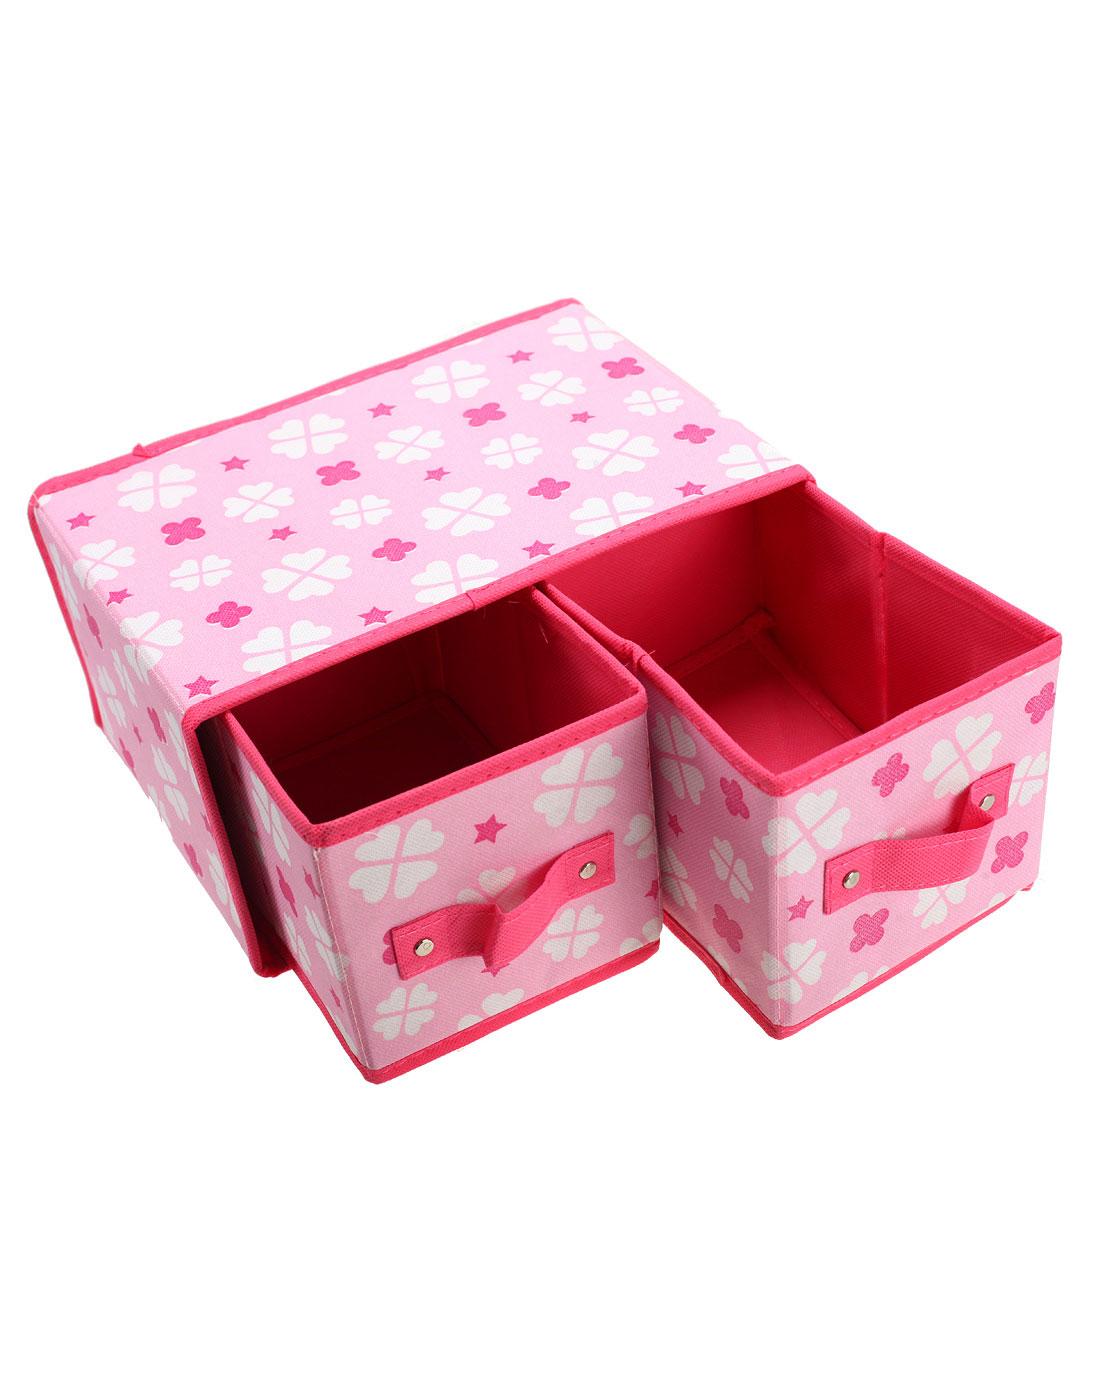 粉红色四叶草无纺布两格抽屉式收纳盒